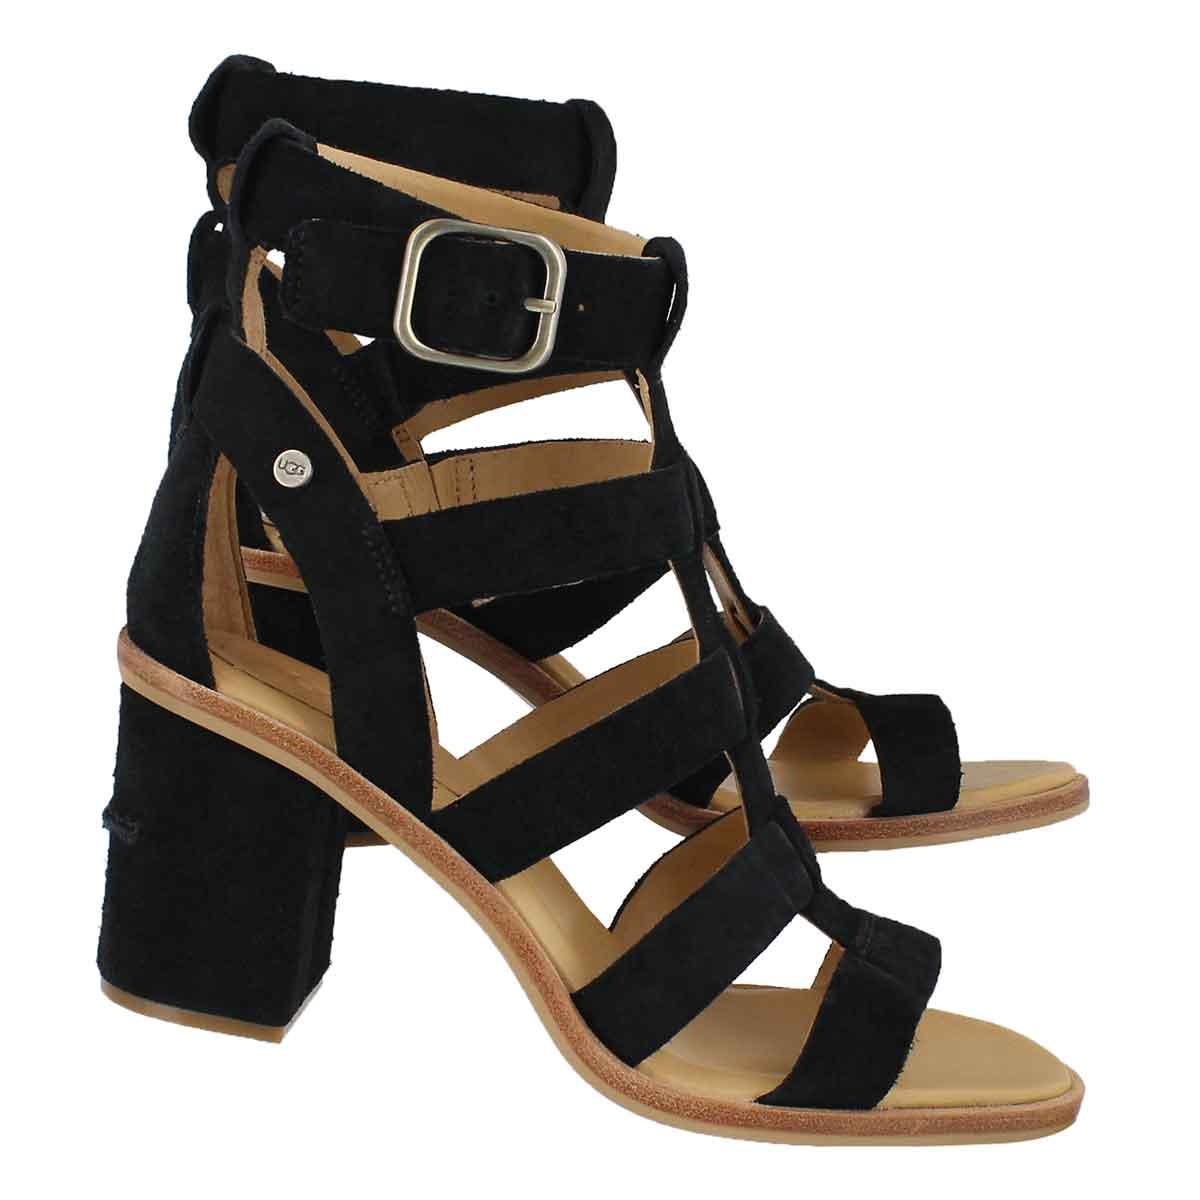 Lds Macayla black dress sandal